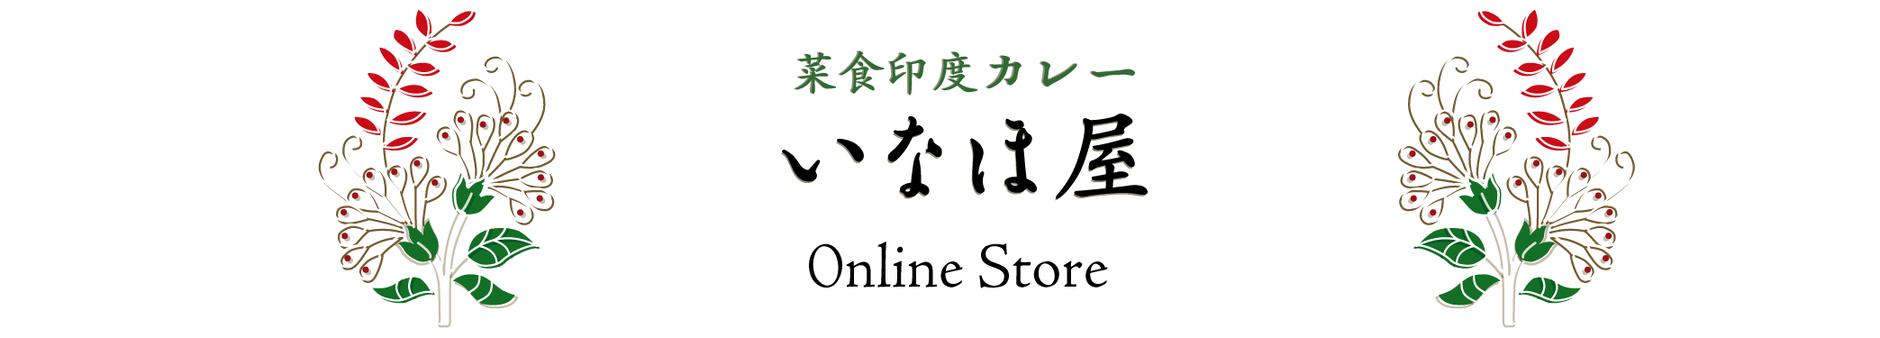 菜食印度カレーいなほ屋 Online Store